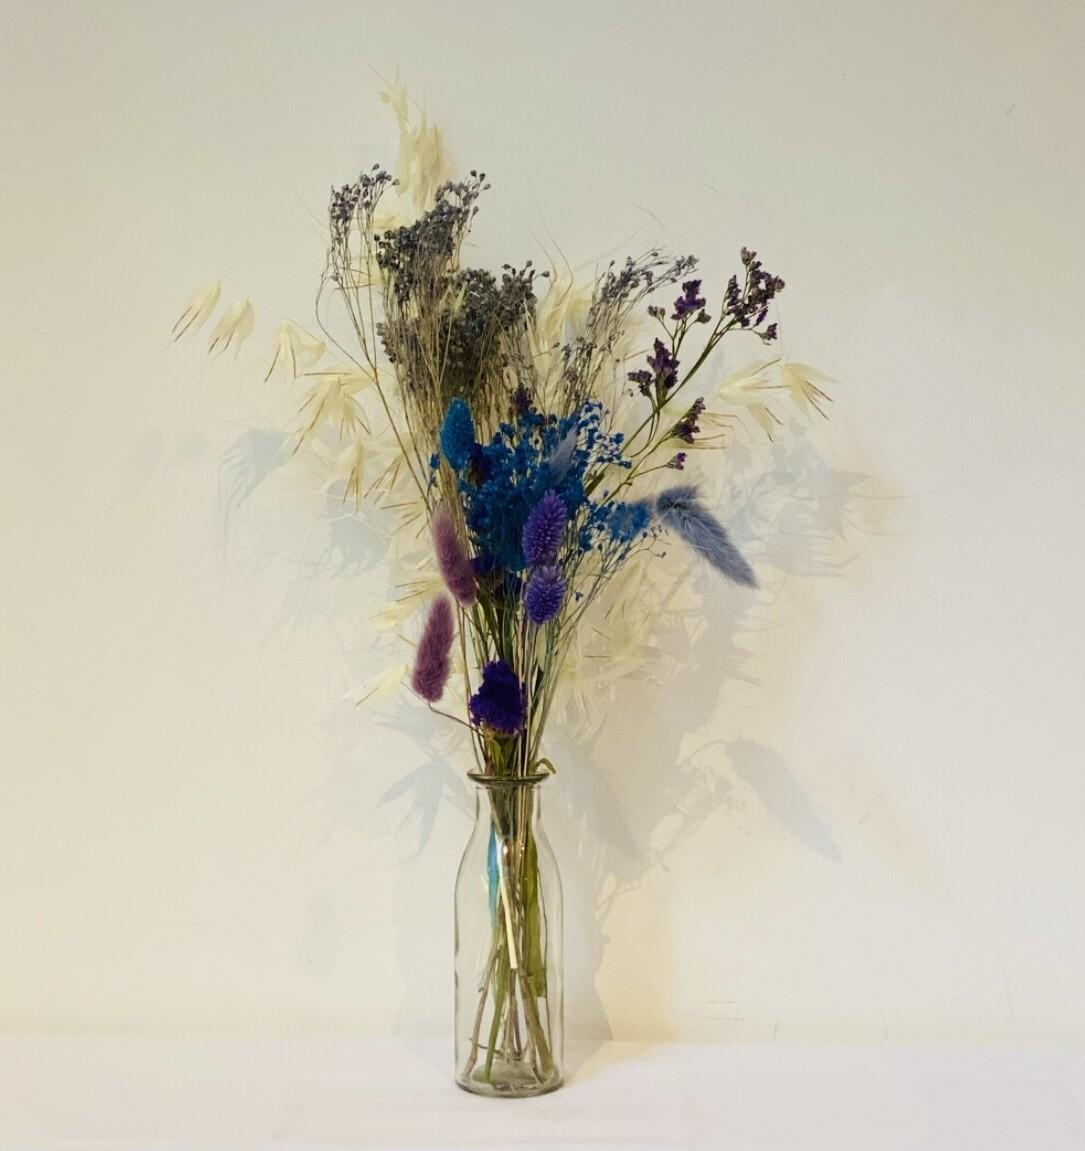 04 - Droogbloemen met vaas S - keuze 1